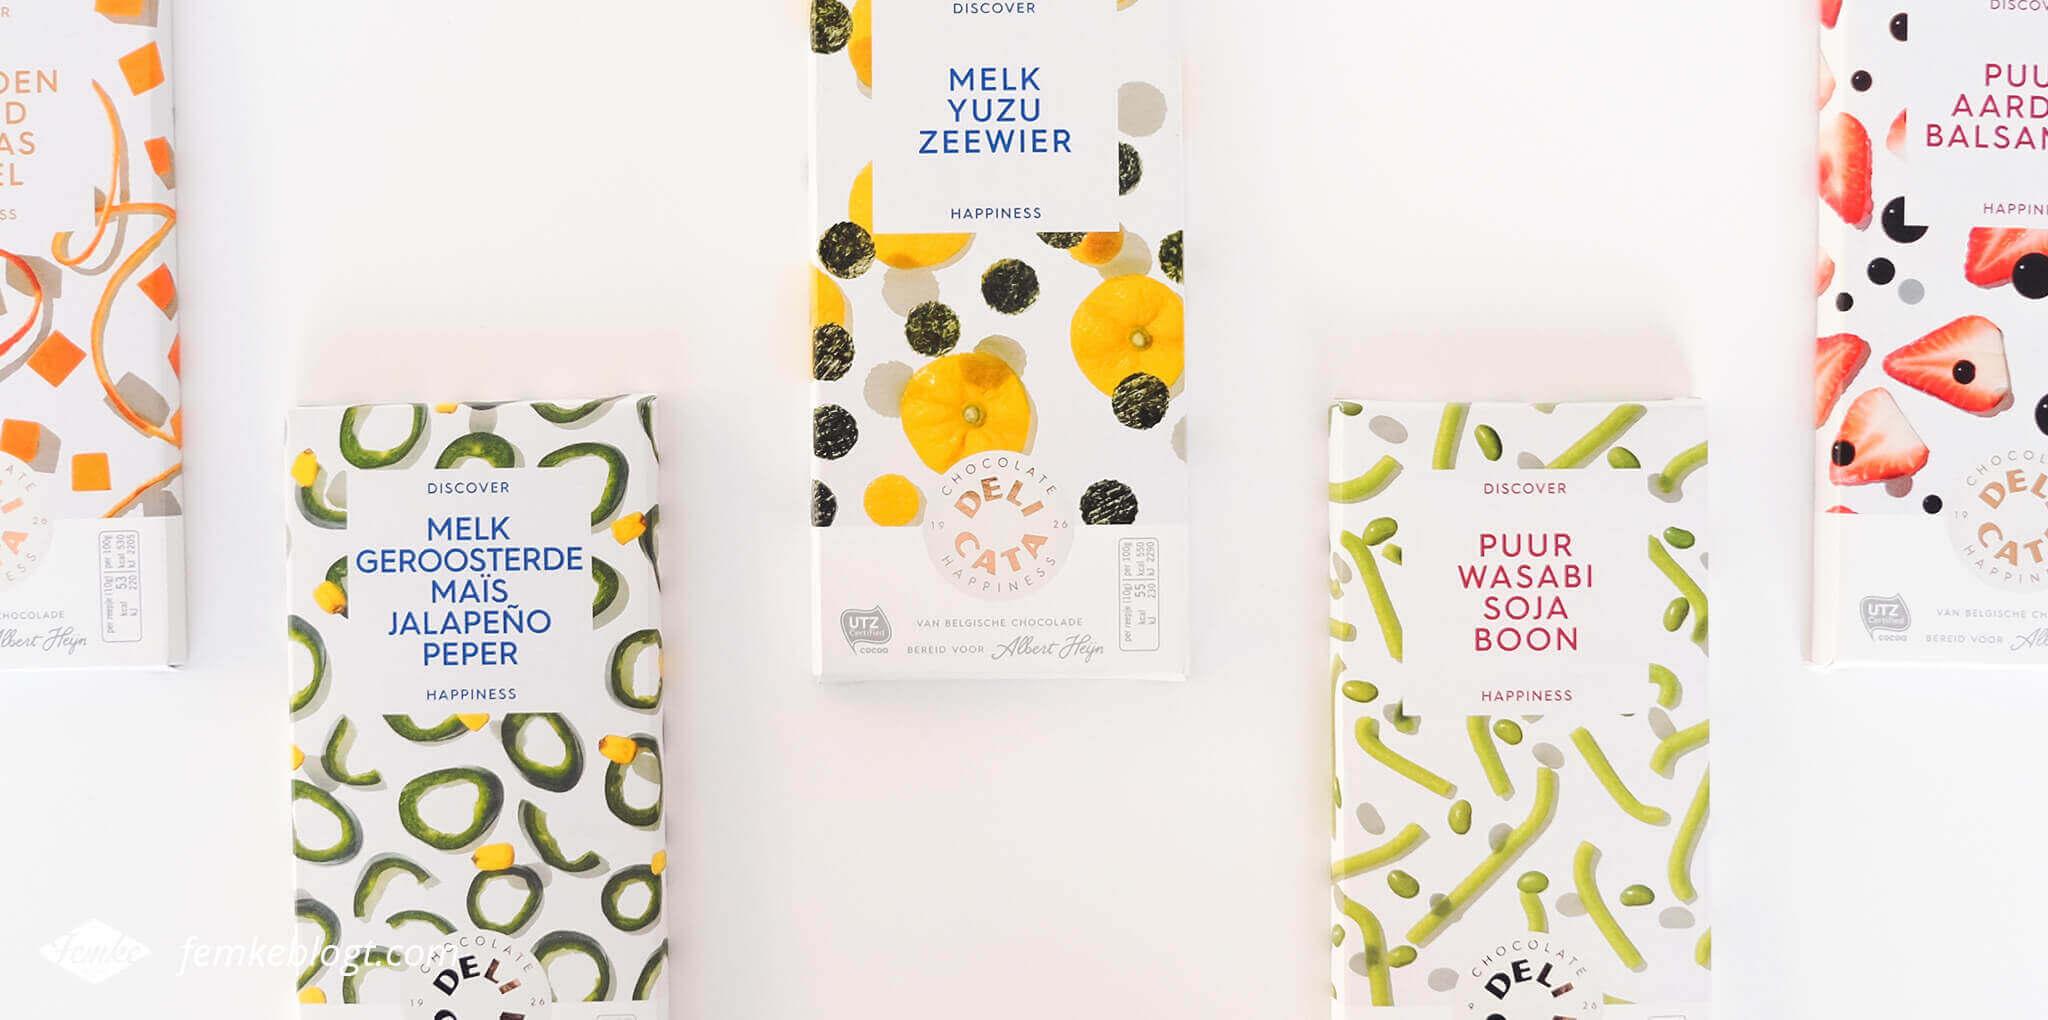 Redesign Delicata chocoladerepen, nieuwe kleurrijke verpakkingen | Discover Happiness